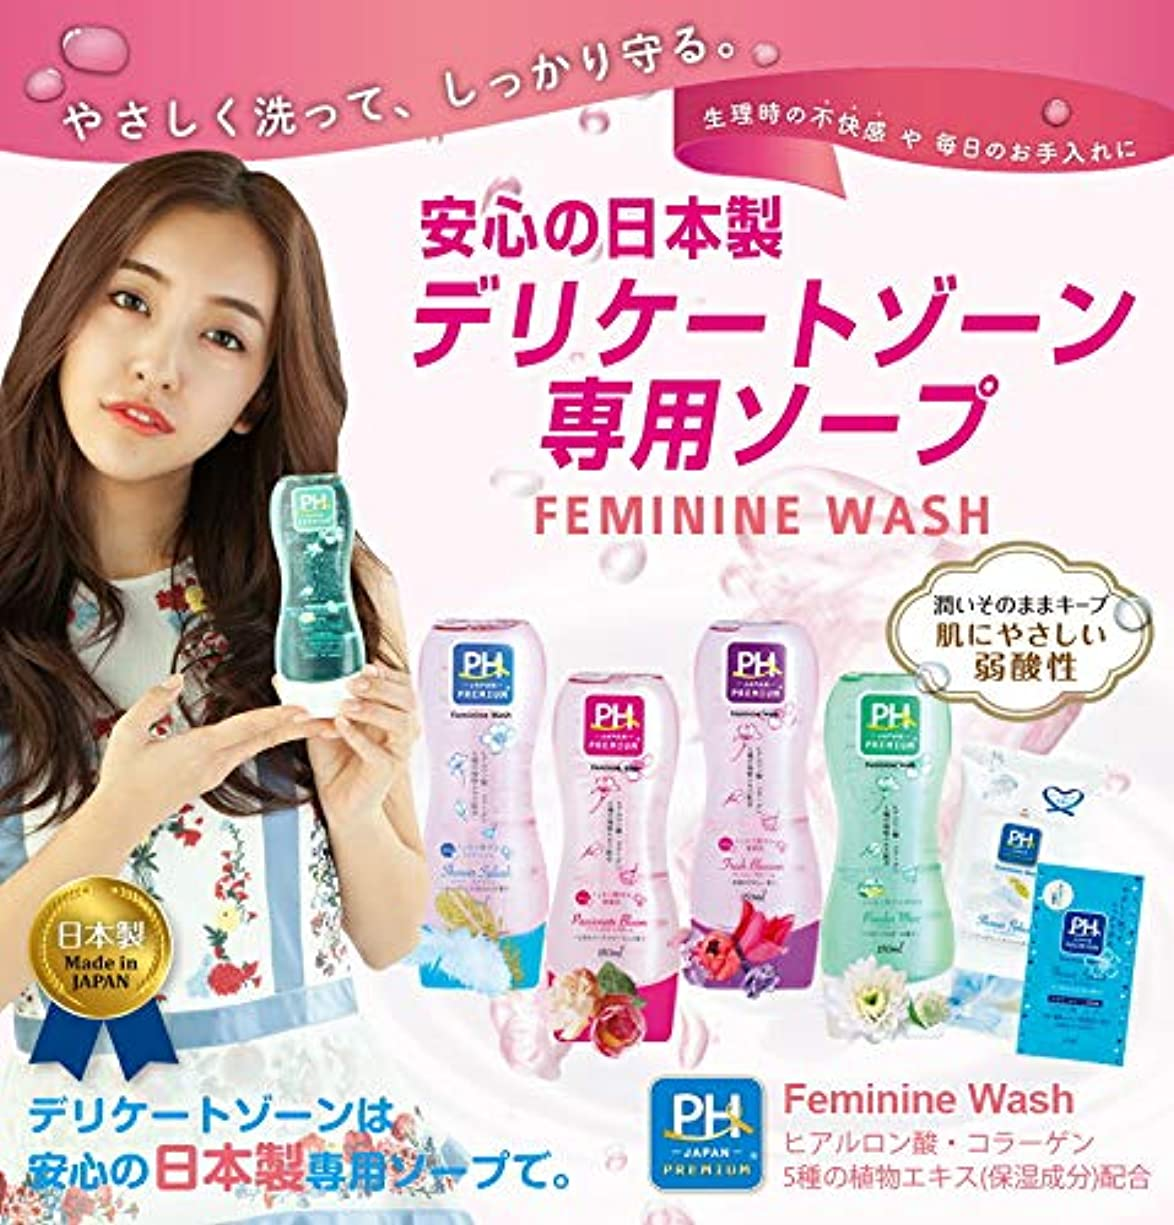 テーマ謝罪関数パウダーミント3本セット PH JAPAN フェミニンウォッシュ ベビーパウダーの香り